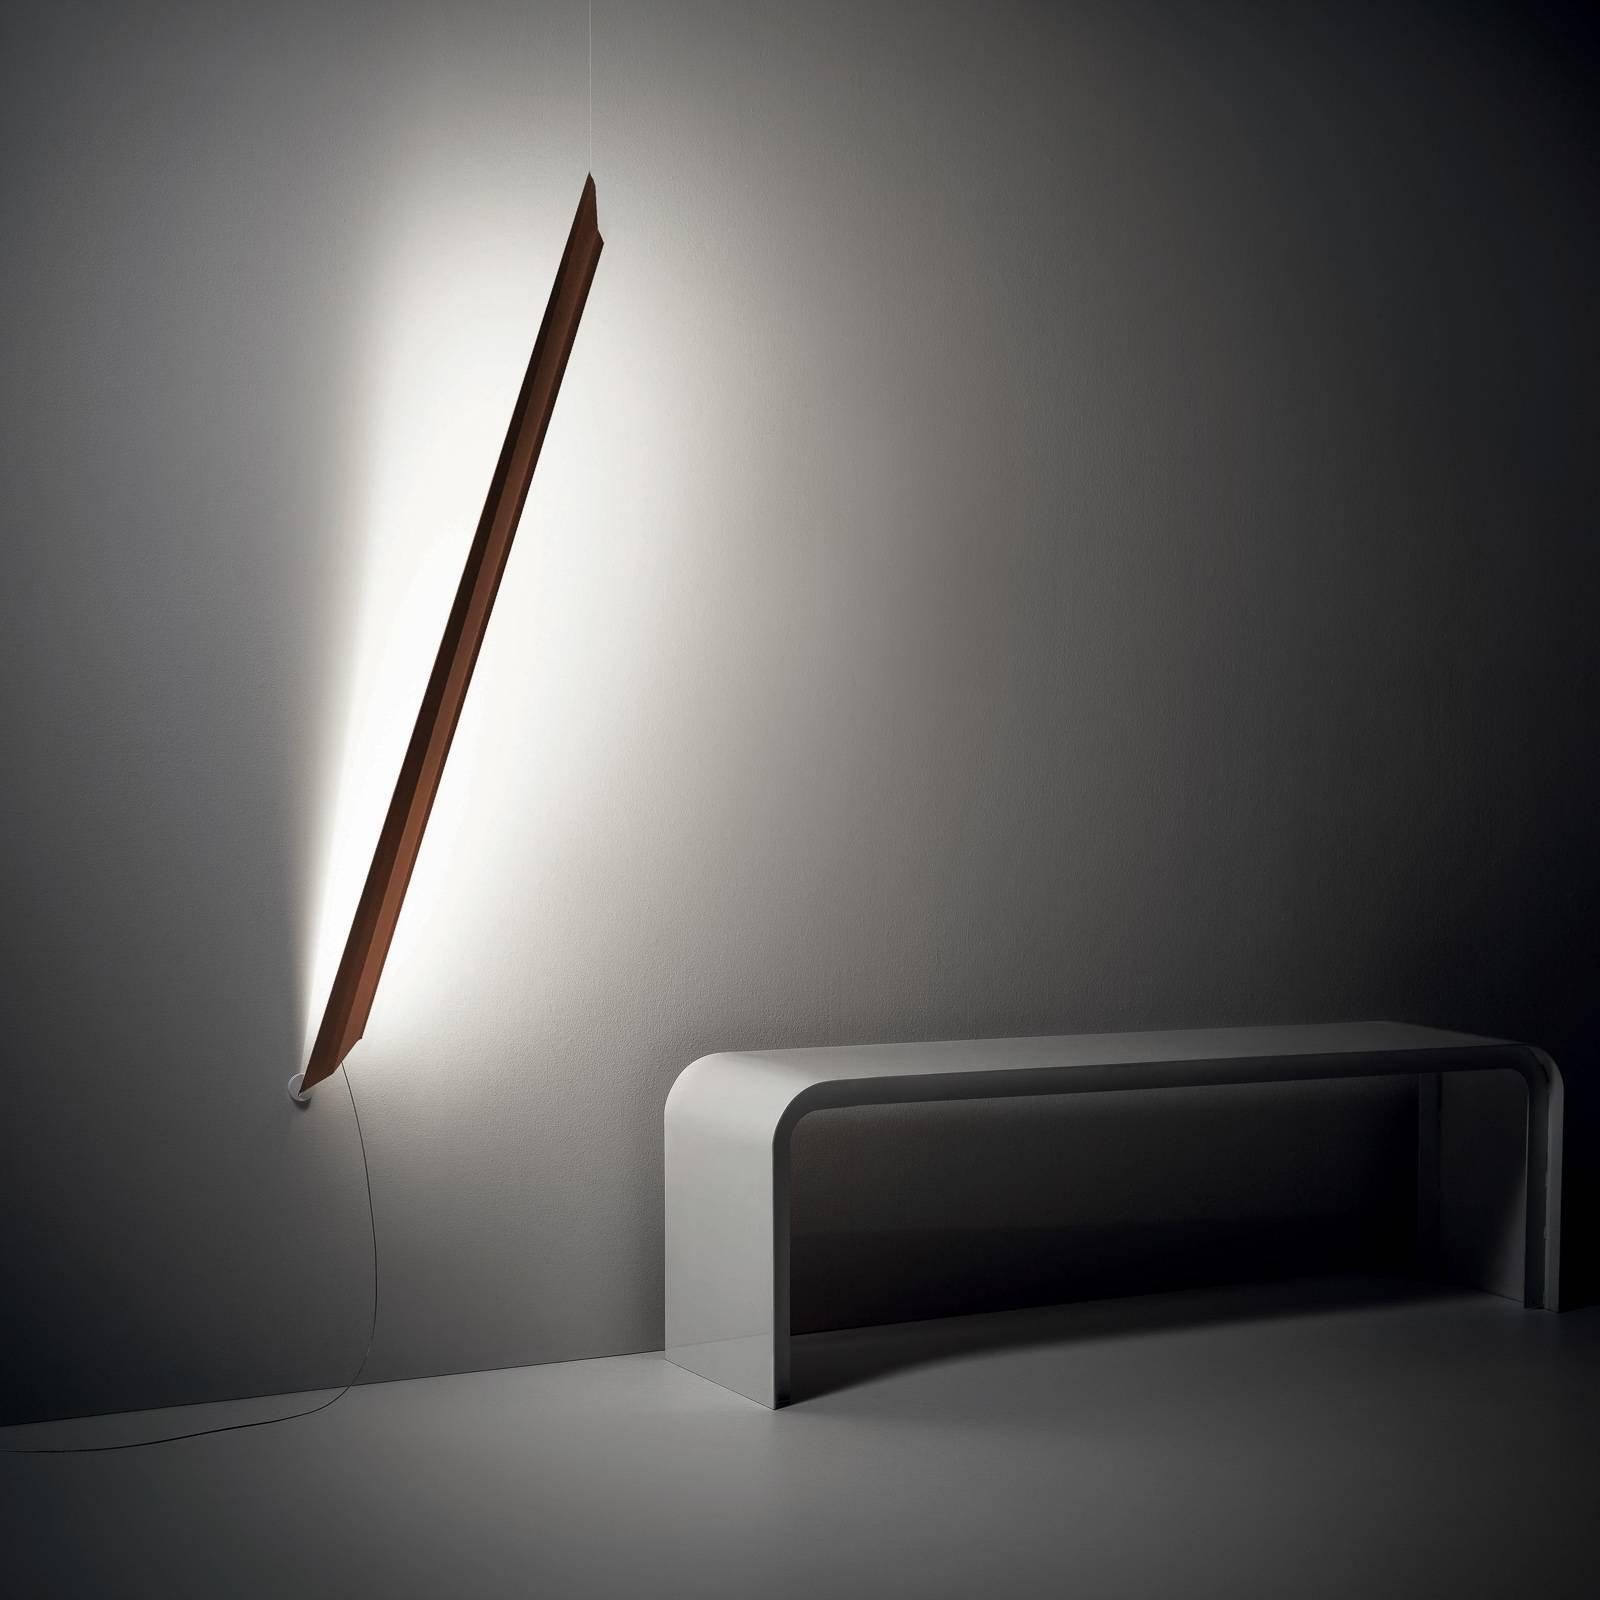 Knikerboker Schegge LED-vegglampe, murstein